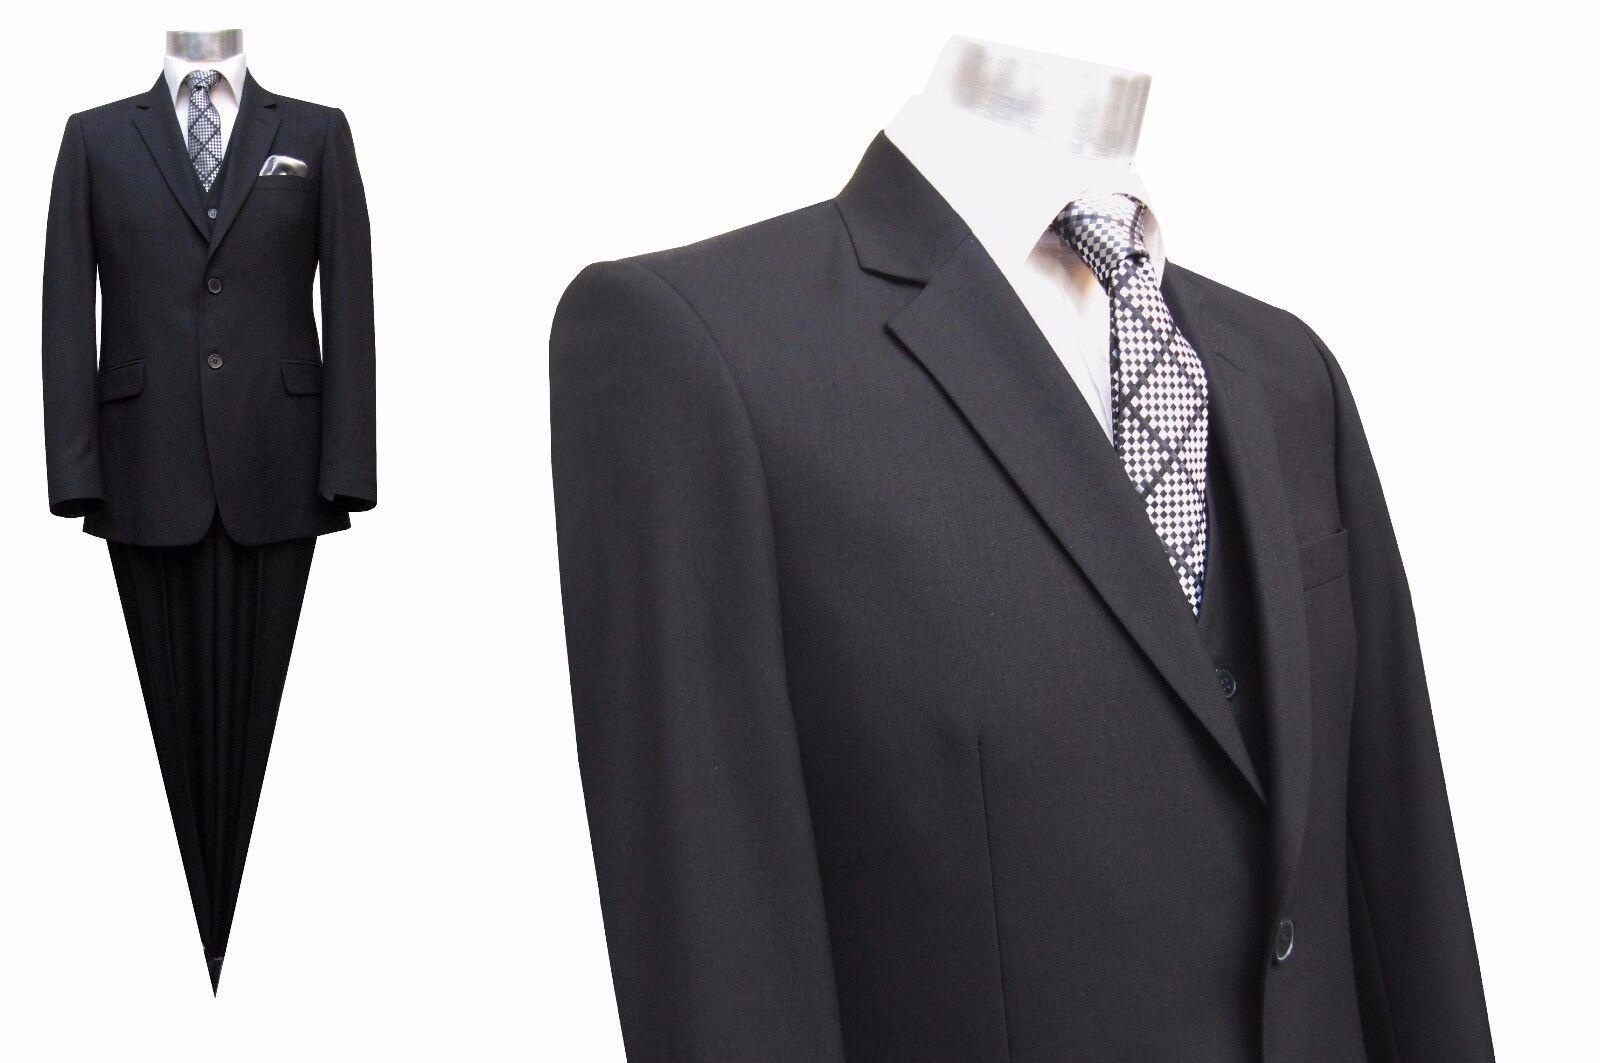 Übergröße Herren Anzug mit Weste Elegant Gr.36 Schwarz